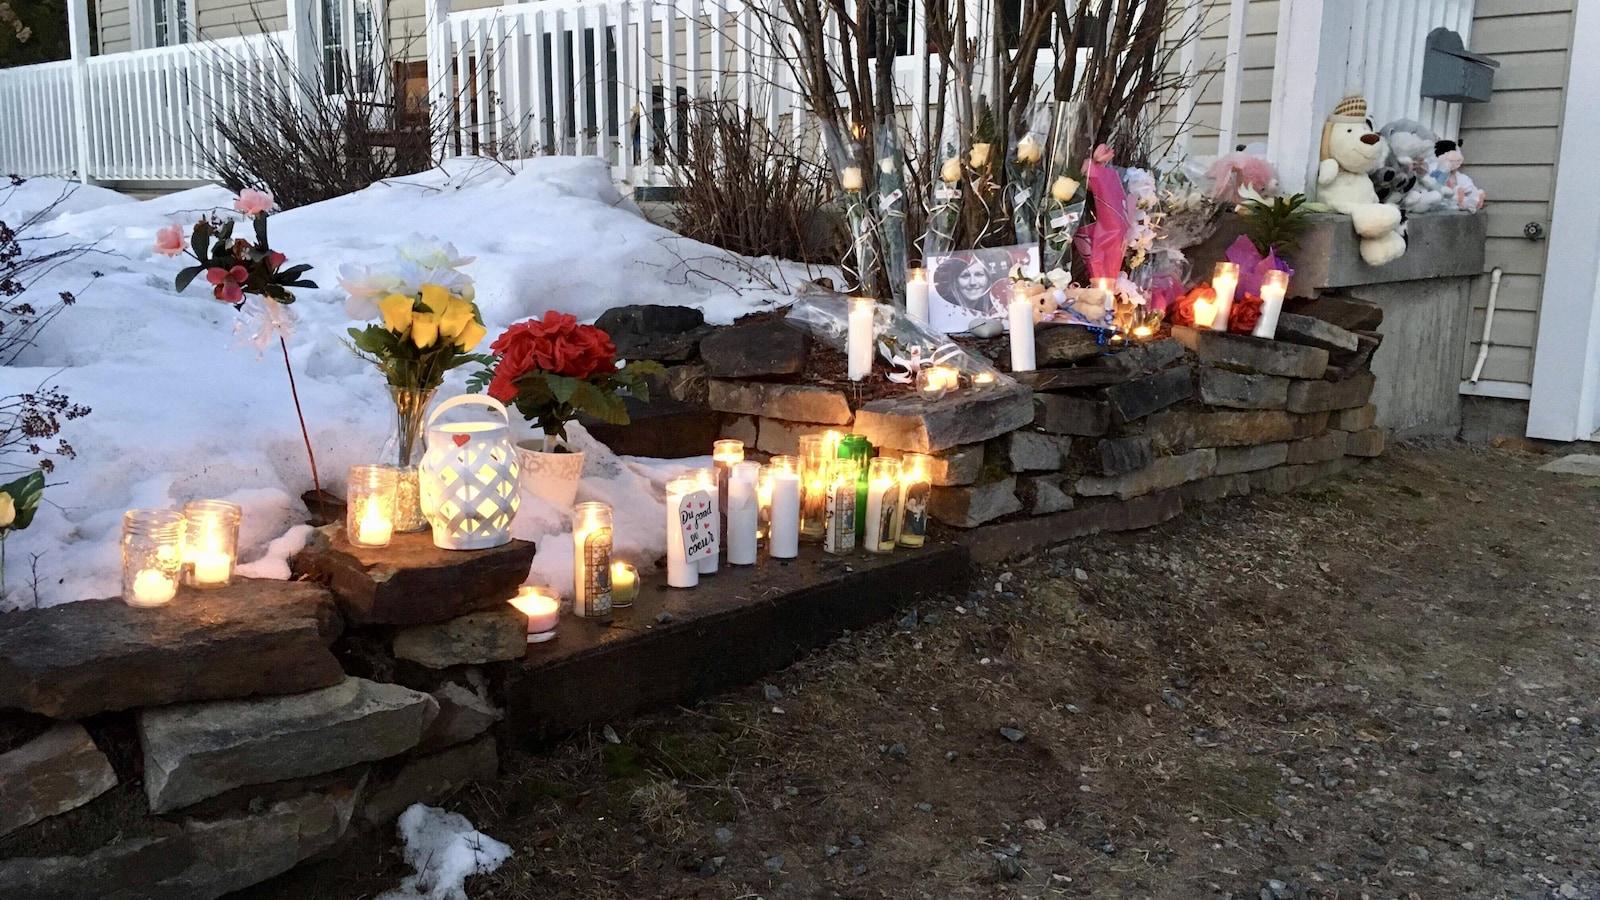 Des bougies, des fleurs et de photos ont été déposées devant la maison où le drame s'est déroulé.